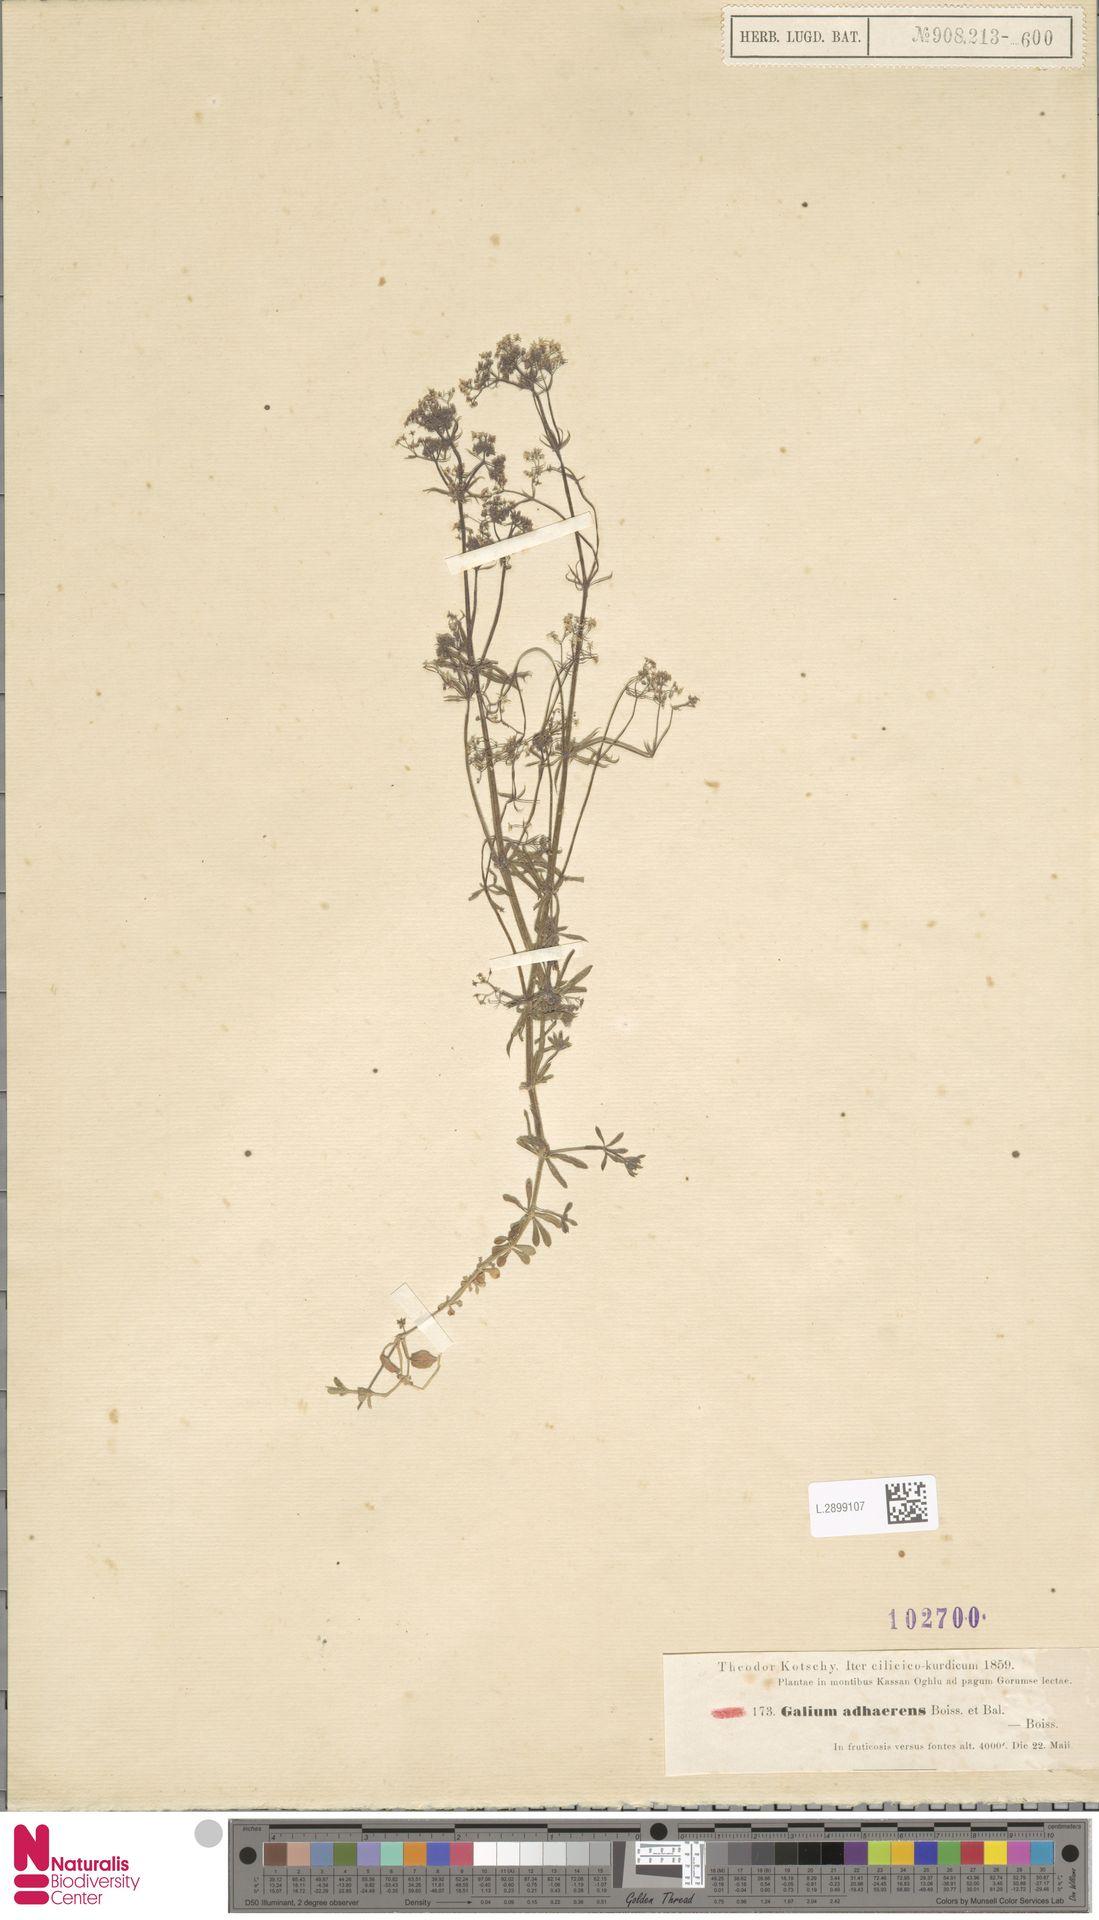 L.2899107 | Galium adhaerens Boiss. & Balansa